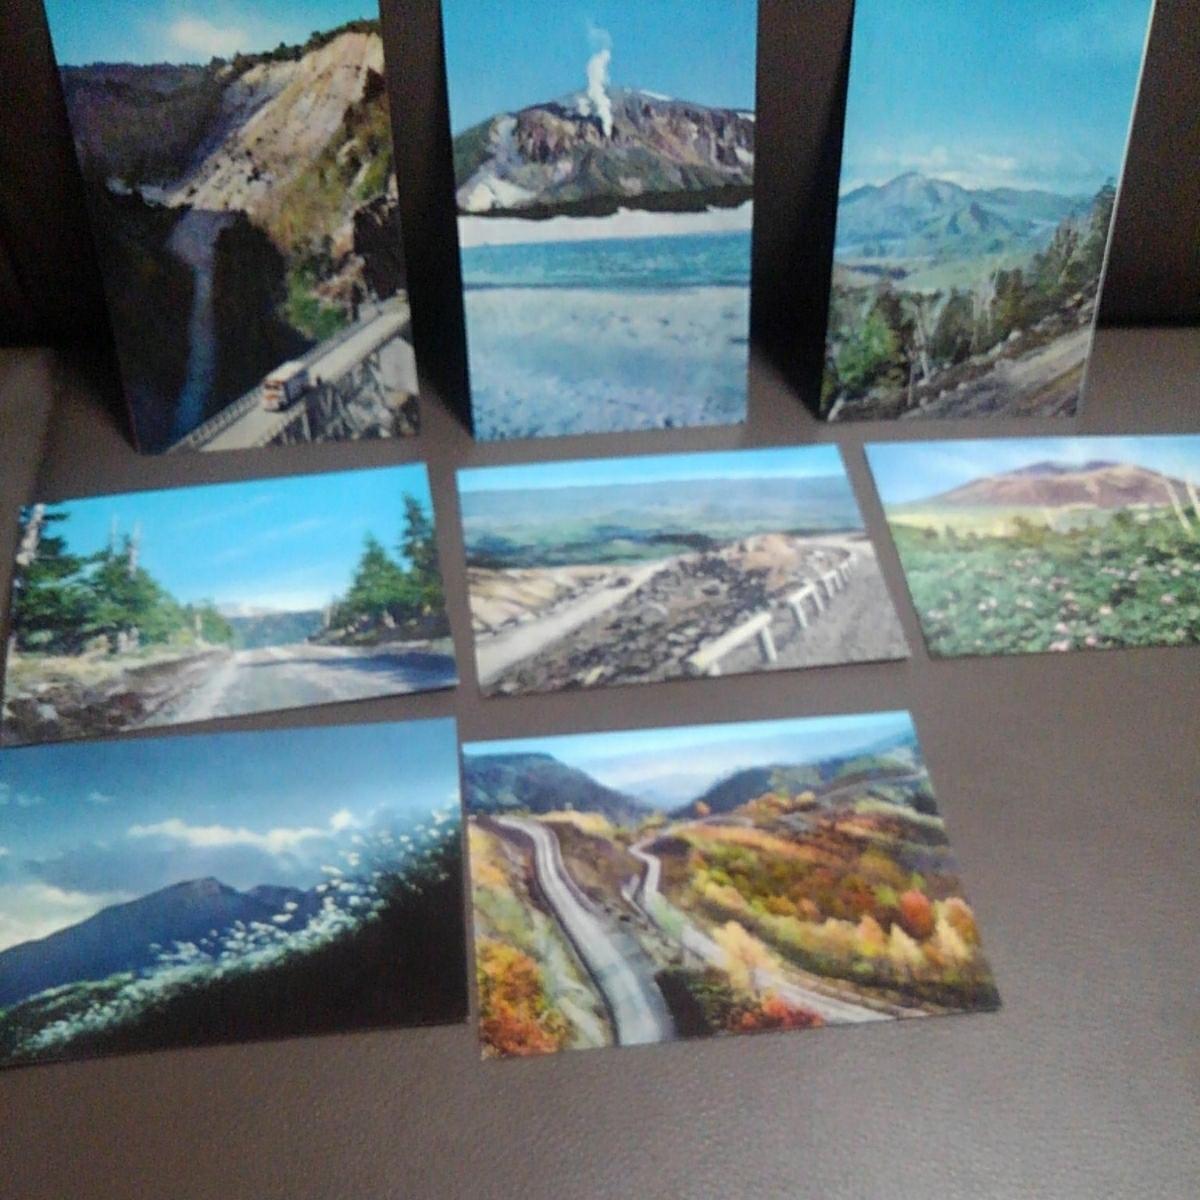 裏磐梯スカイライン 吾妻山を巡る カラープリント 国際標準版 ポストカード8枚_画像2